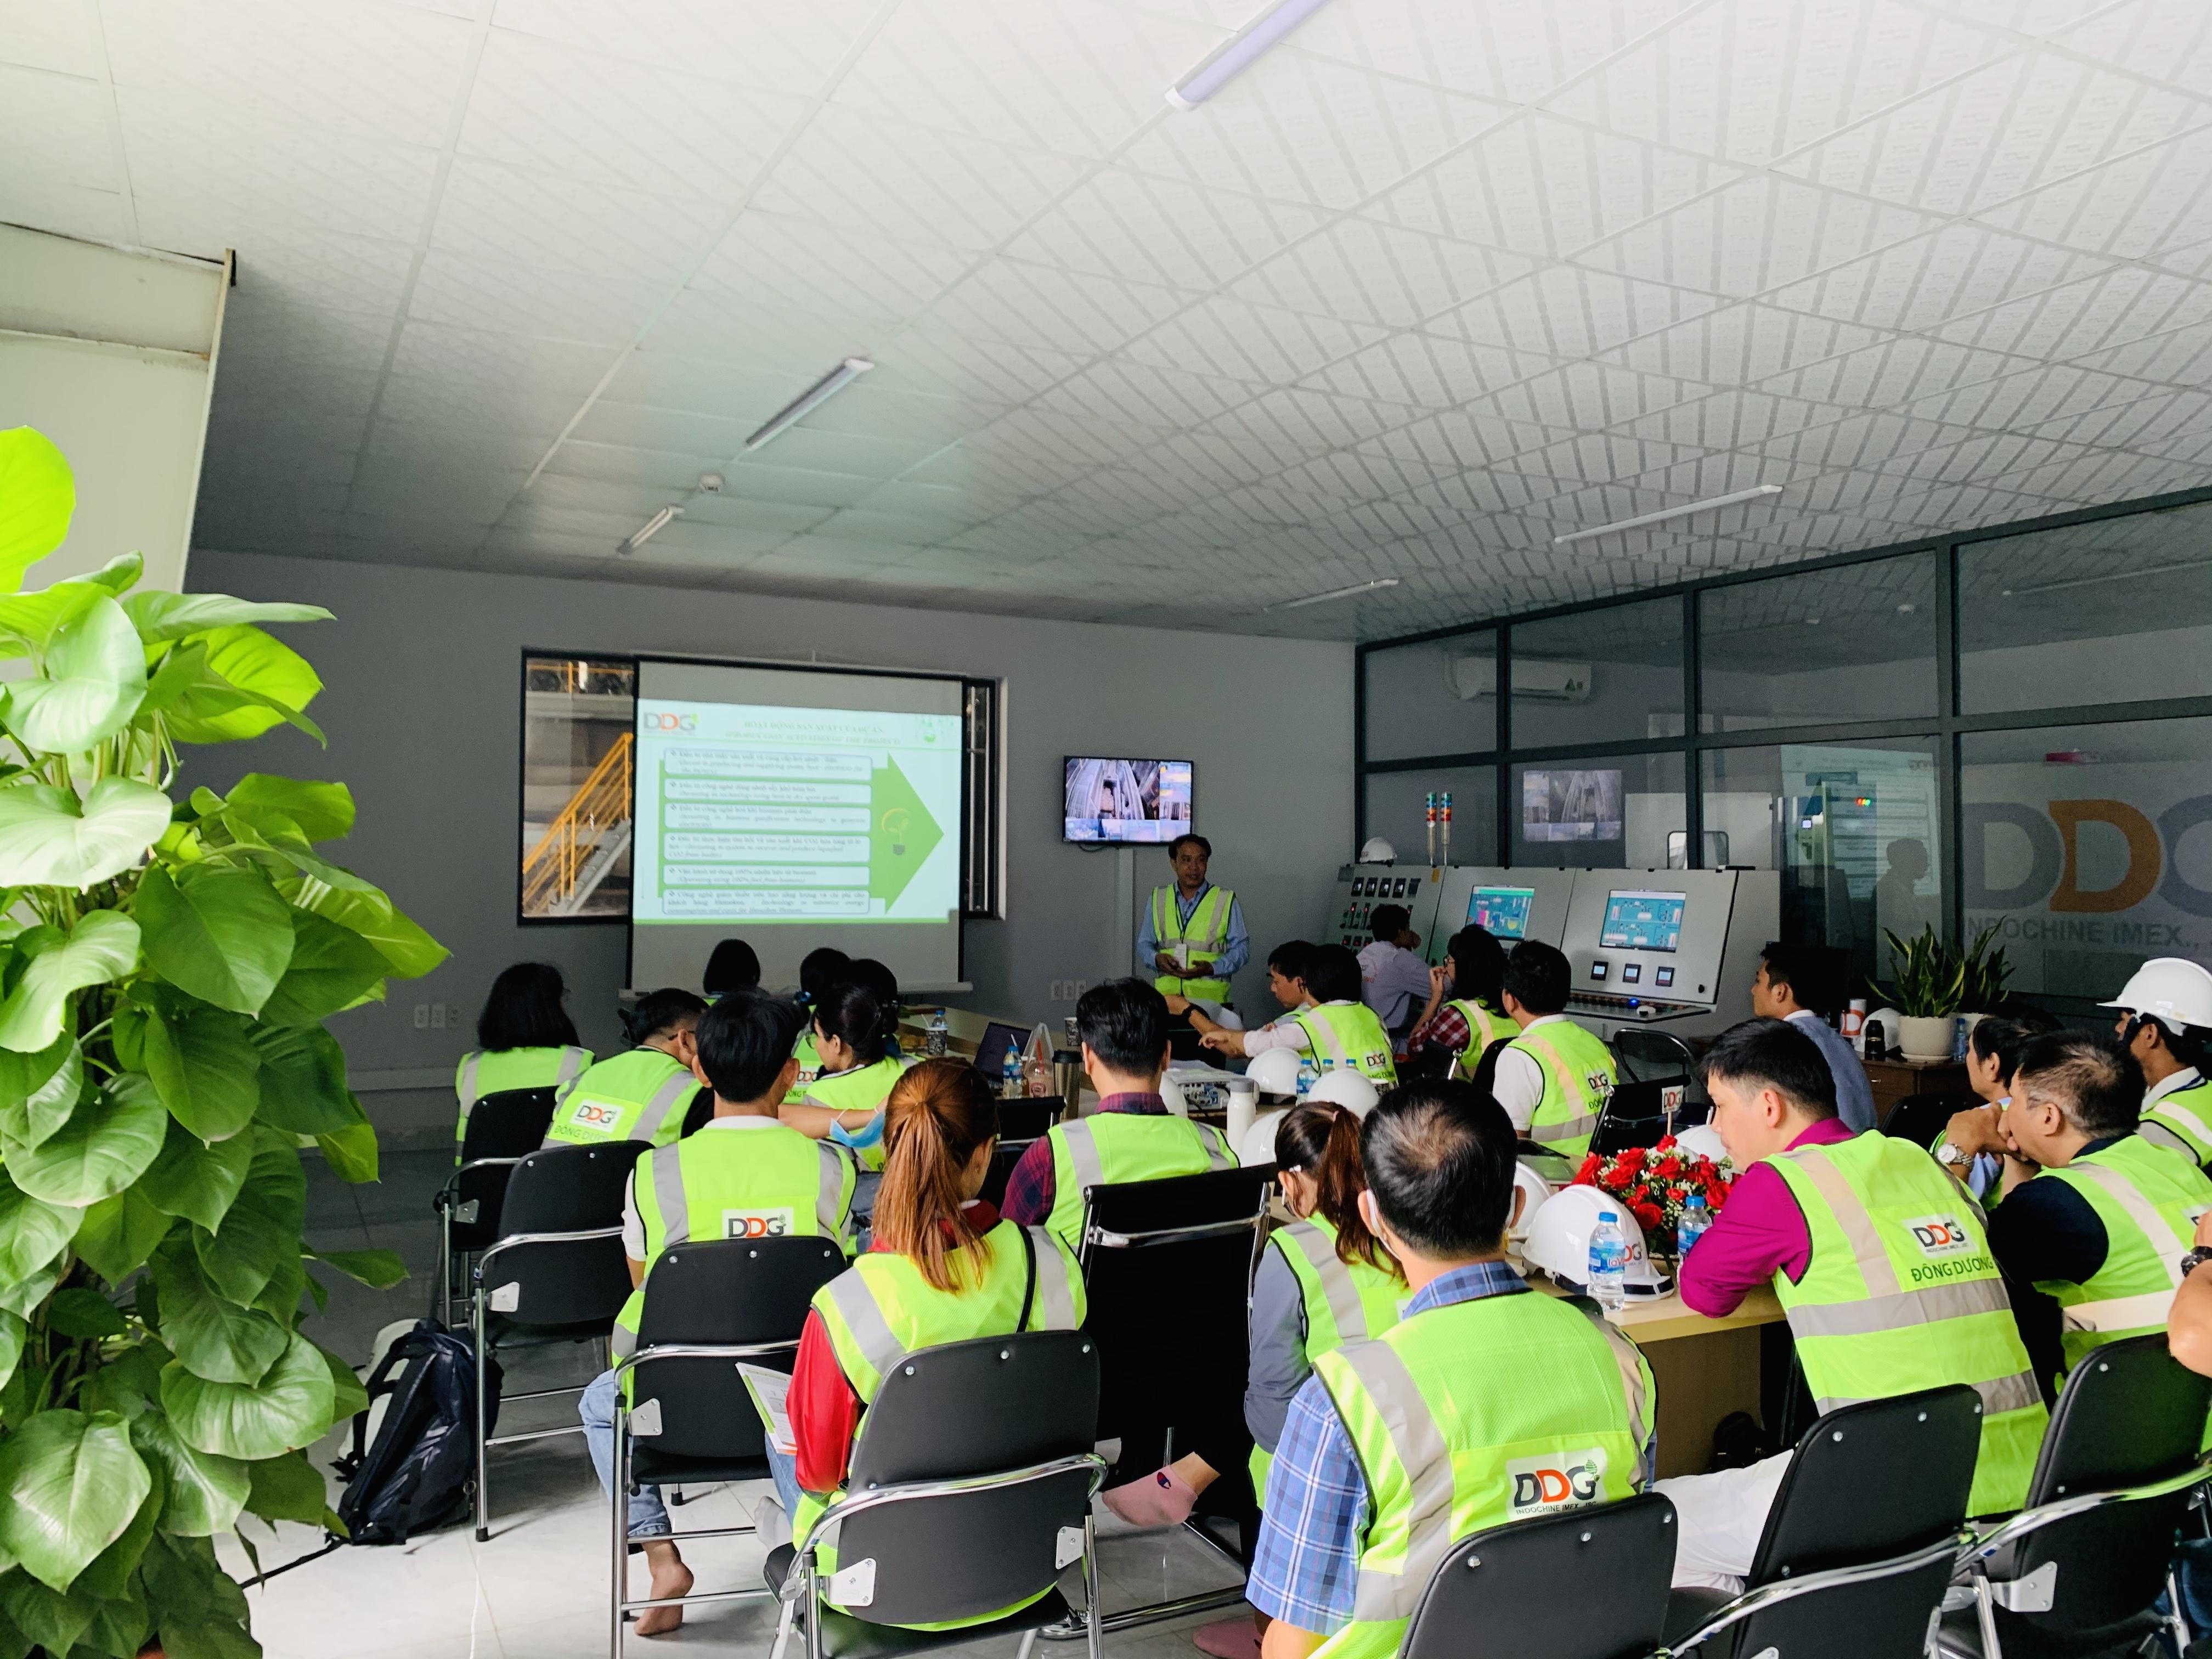 Tổ Chức Hợp Tác Quốc Tế Liên Bang Đức GIZ thăm quan thực tế dự án Lò hơi đốt Biomass của công ty Đông Dương